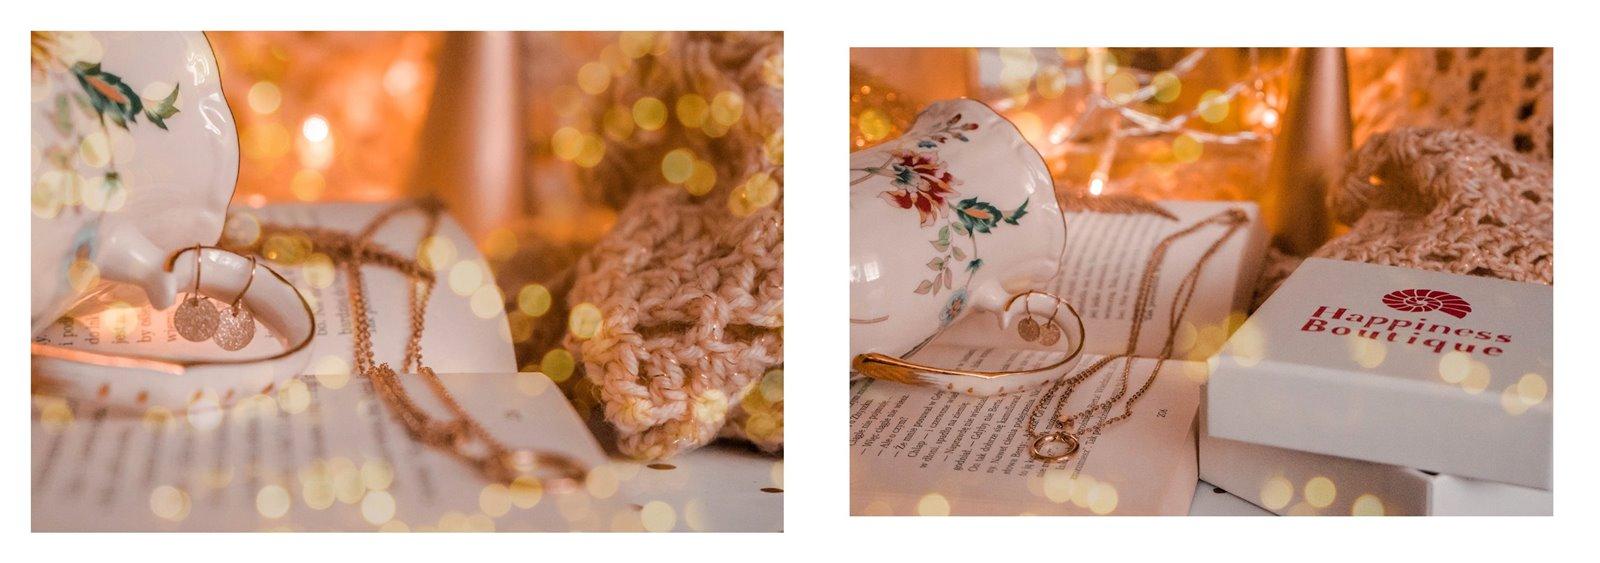 pomysł na walentynkowy prezent z okazji dnia kobiet modna biżuteria w 2019 roku sklepu online jubiler online  zbiżuterią złotą łańcuszek celebrytka kolczyki kółka gdzie kupić ładną biżuterię łódź blog moda fashion